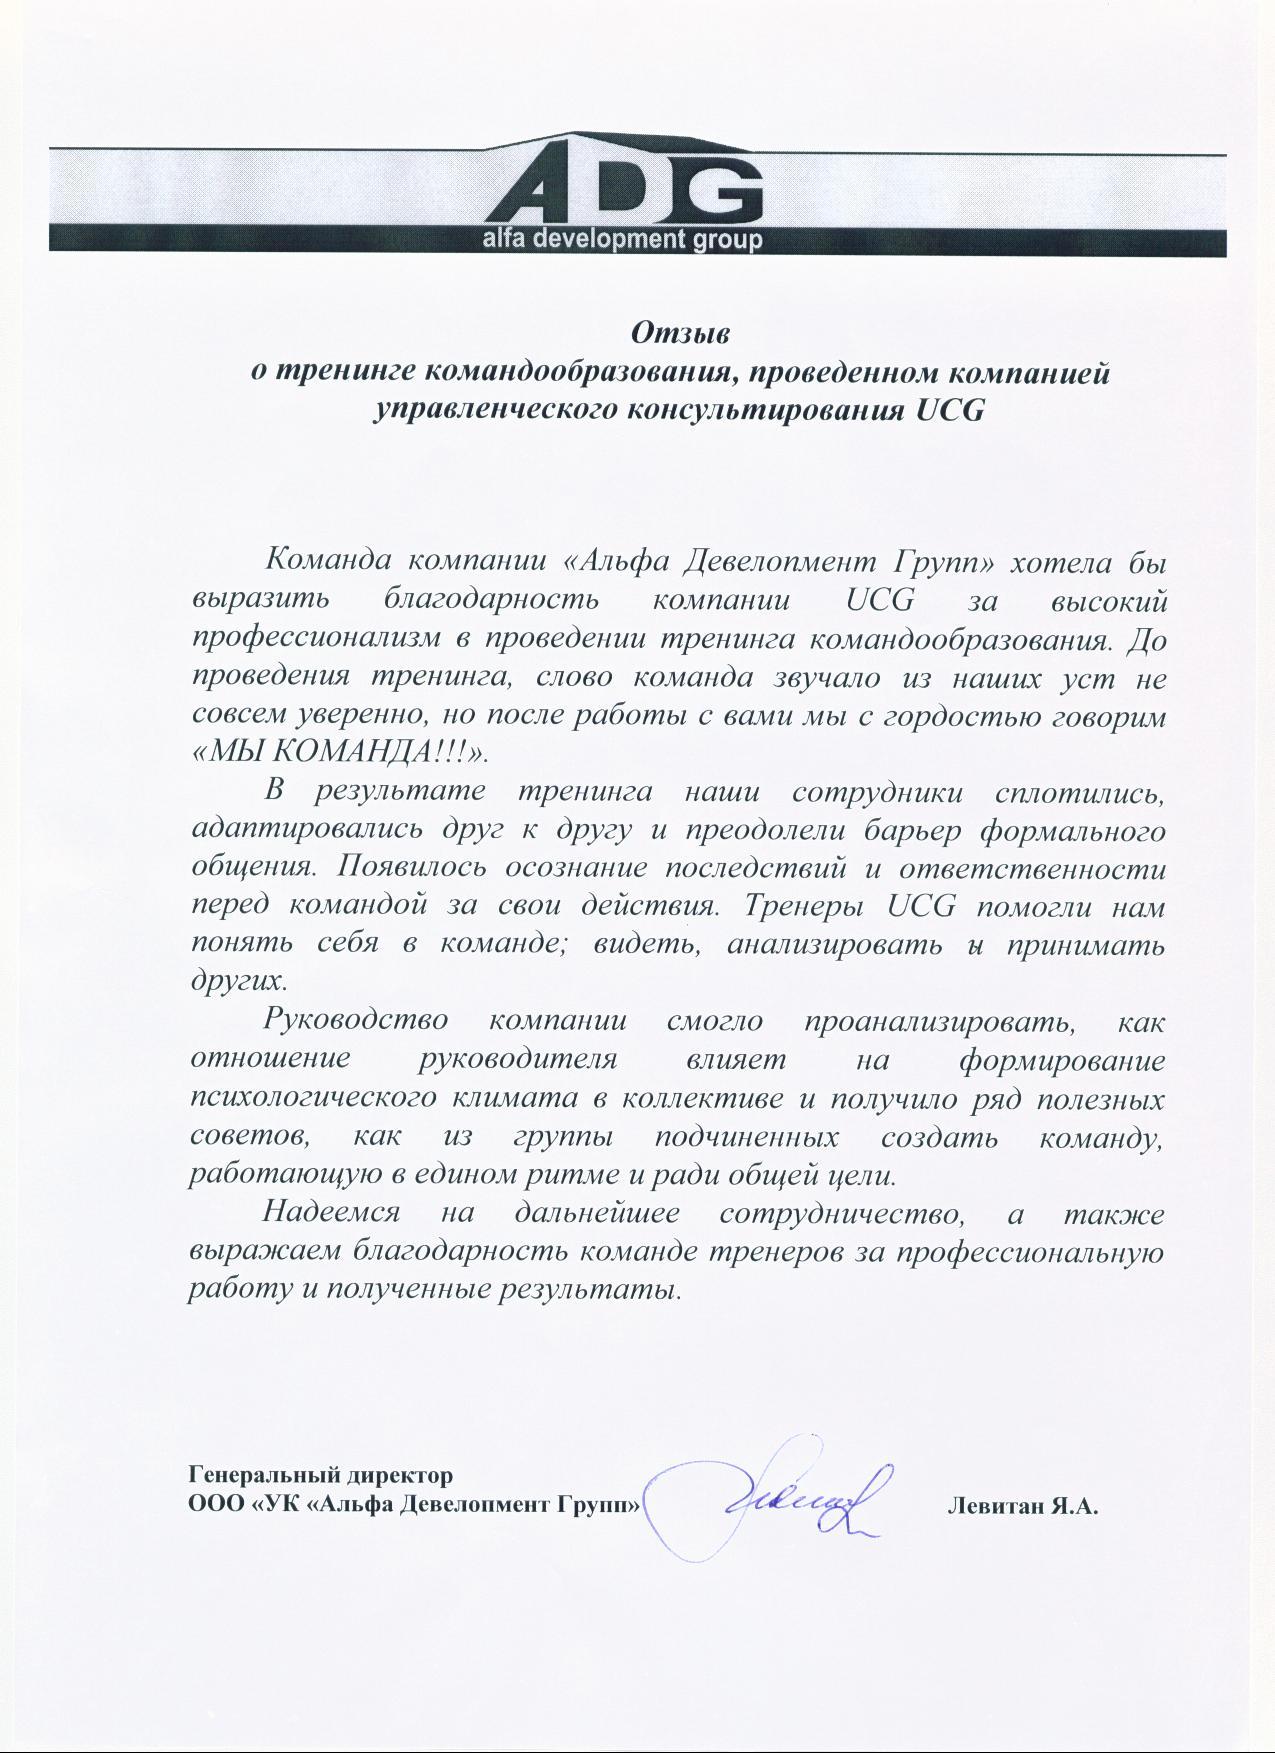 Рекомендация Альфа Девелопмент Групп